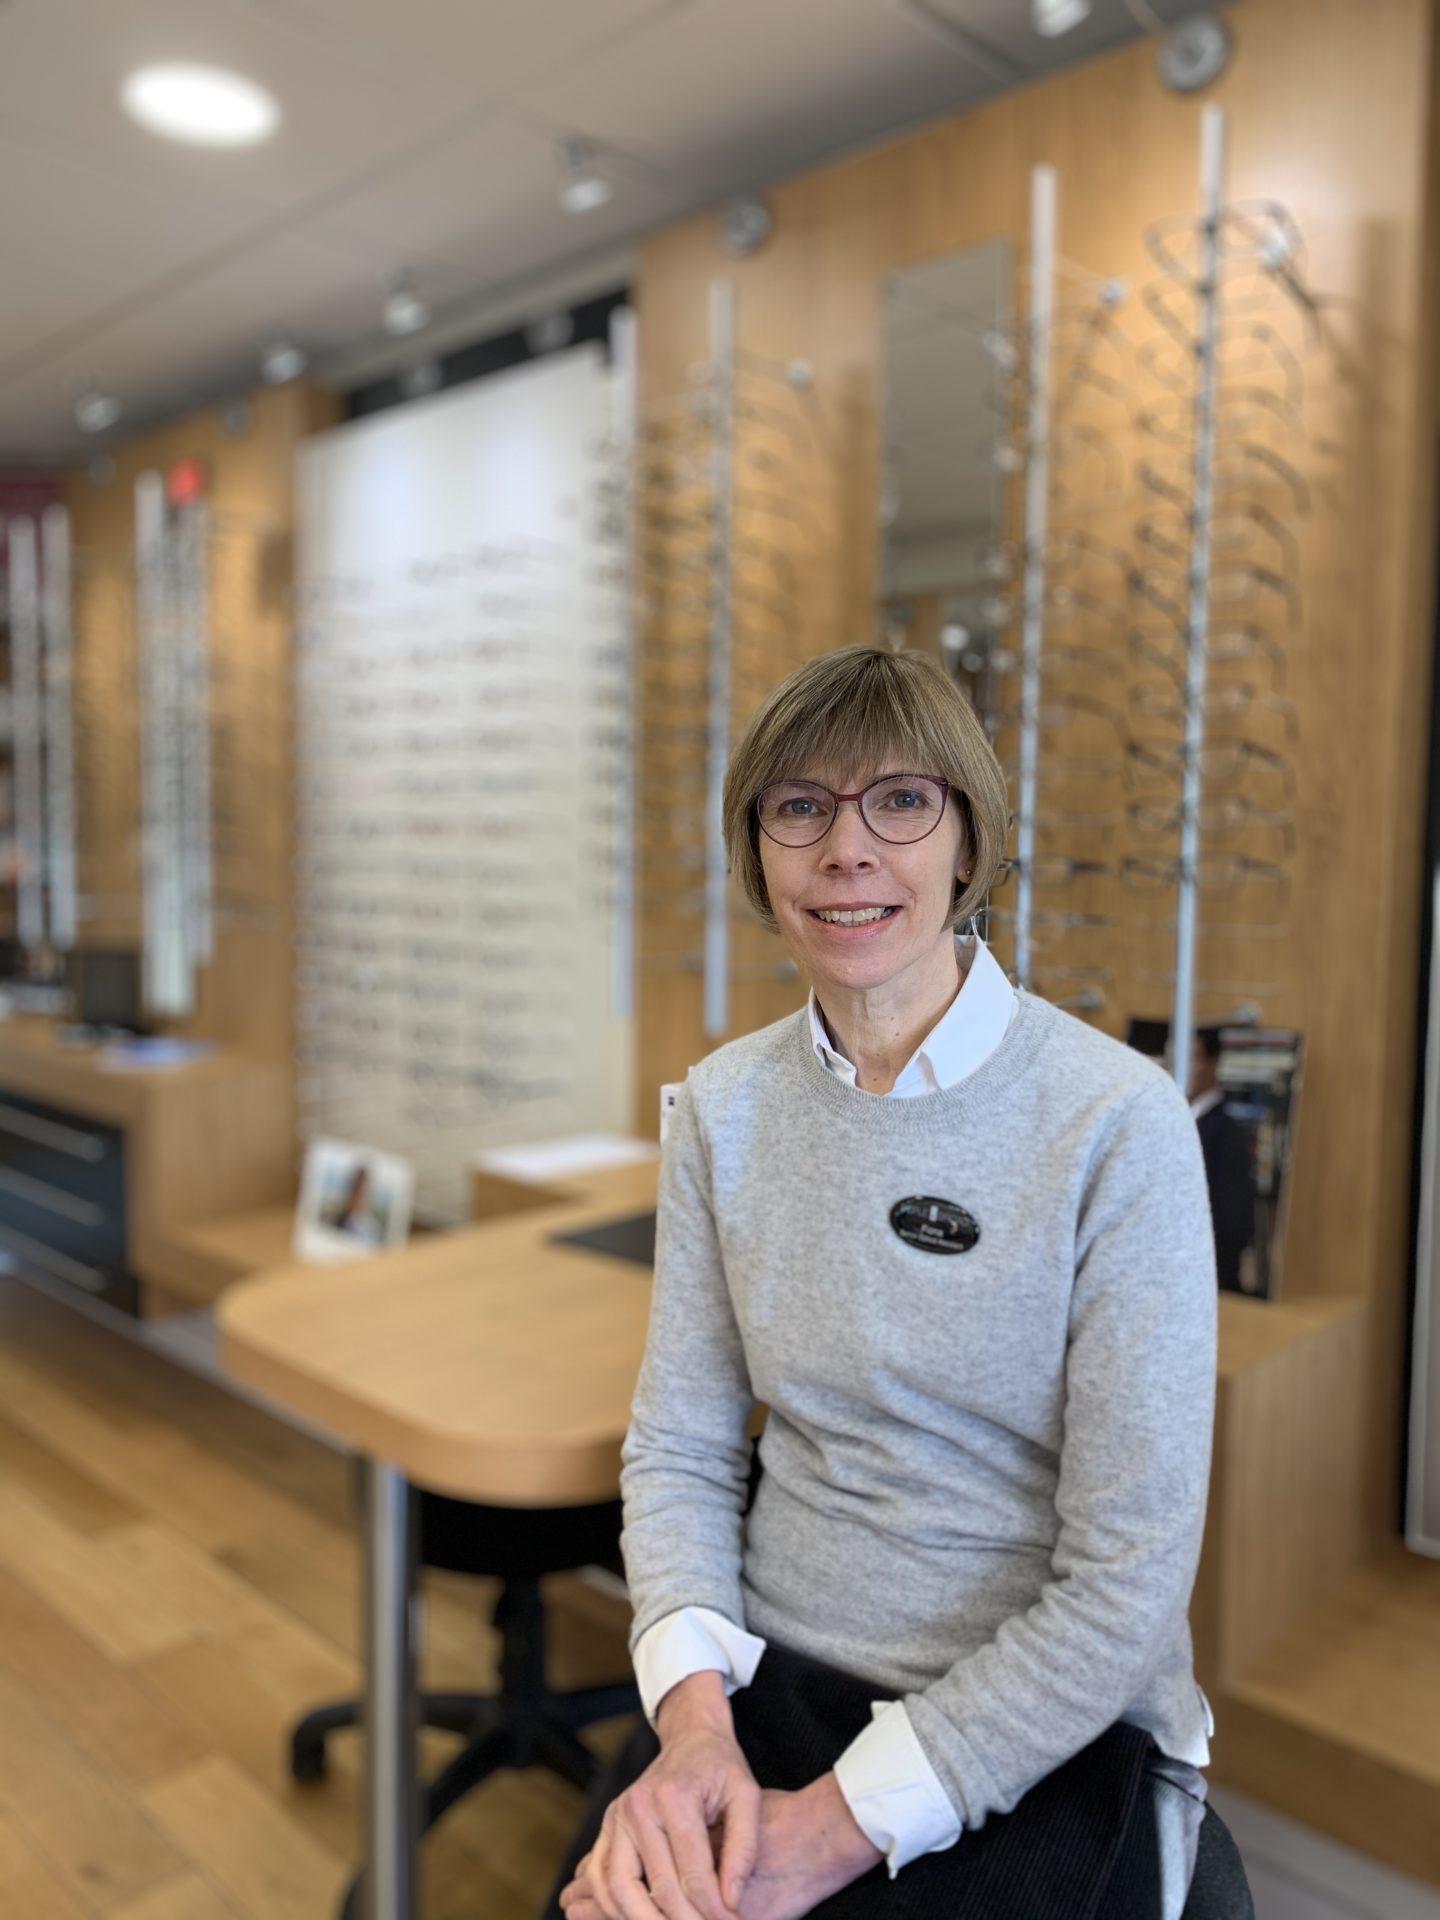 Fiona Geldart